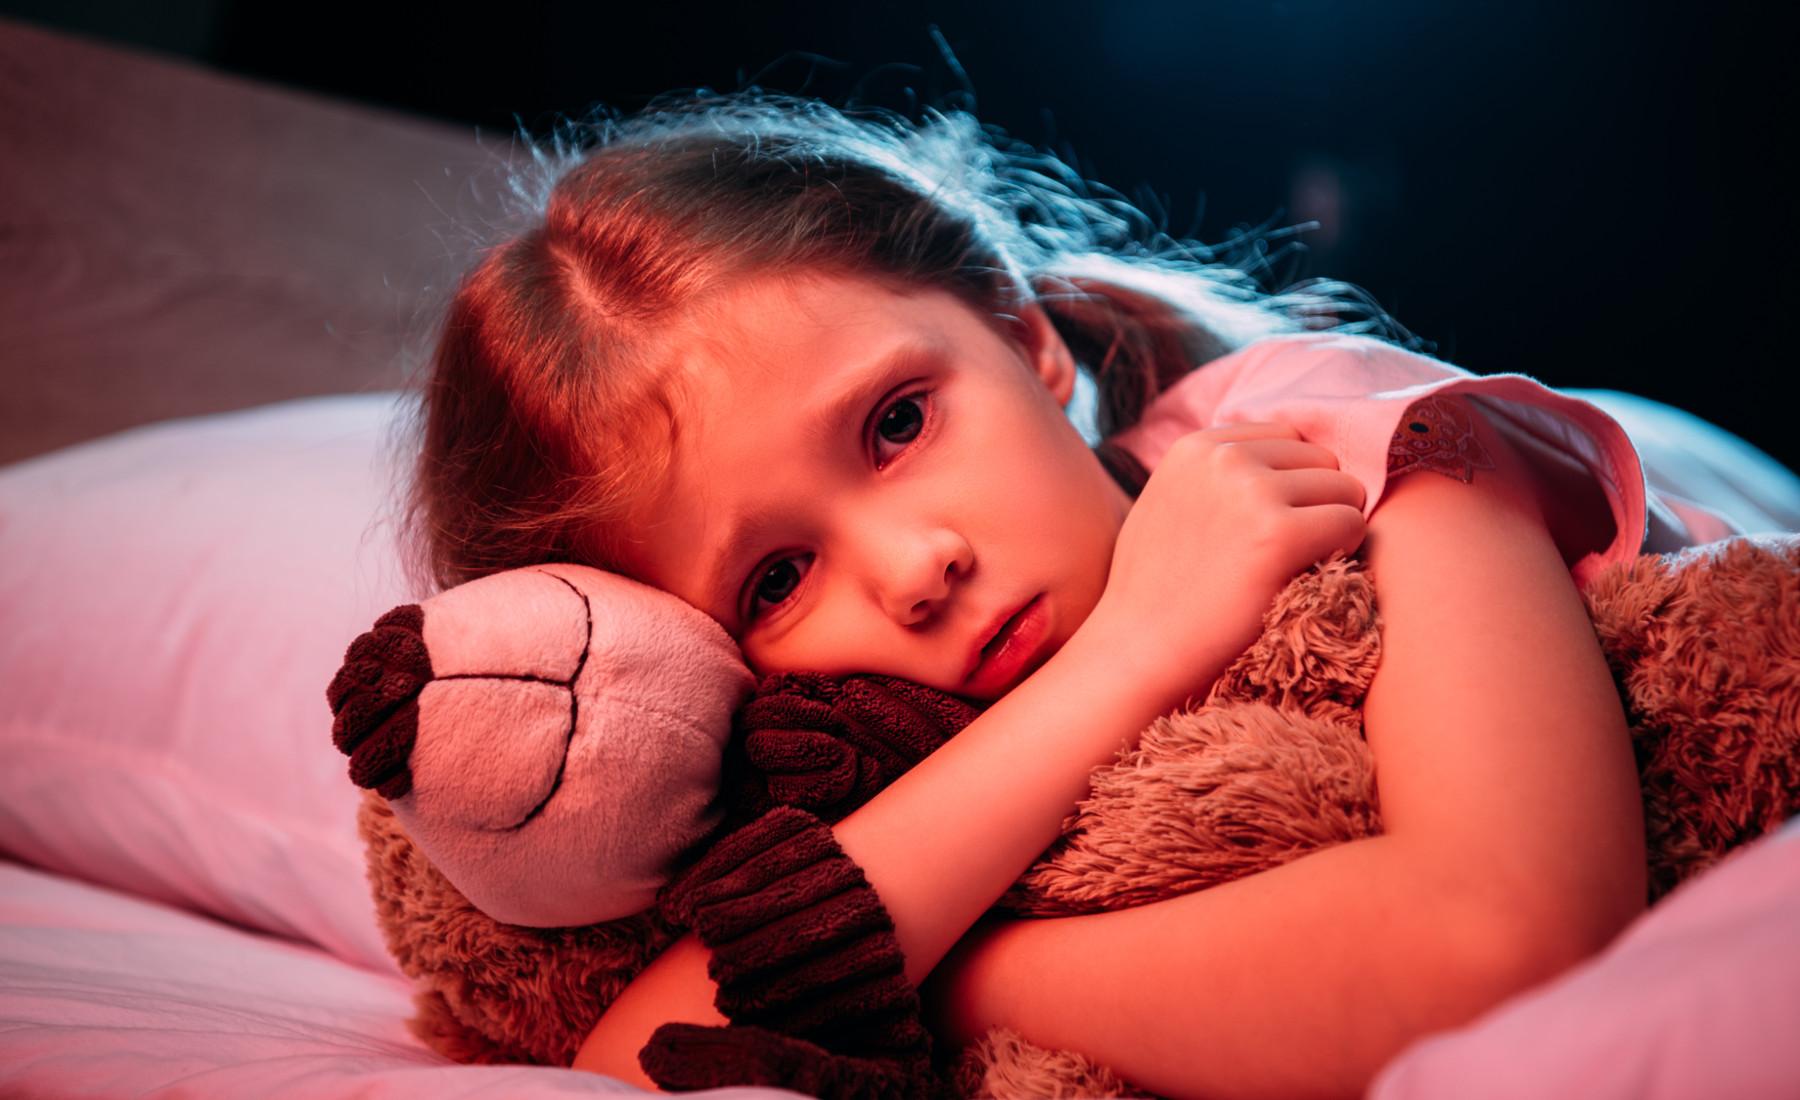 חמישה טיפים להתמודדות עם פחד של ילדים